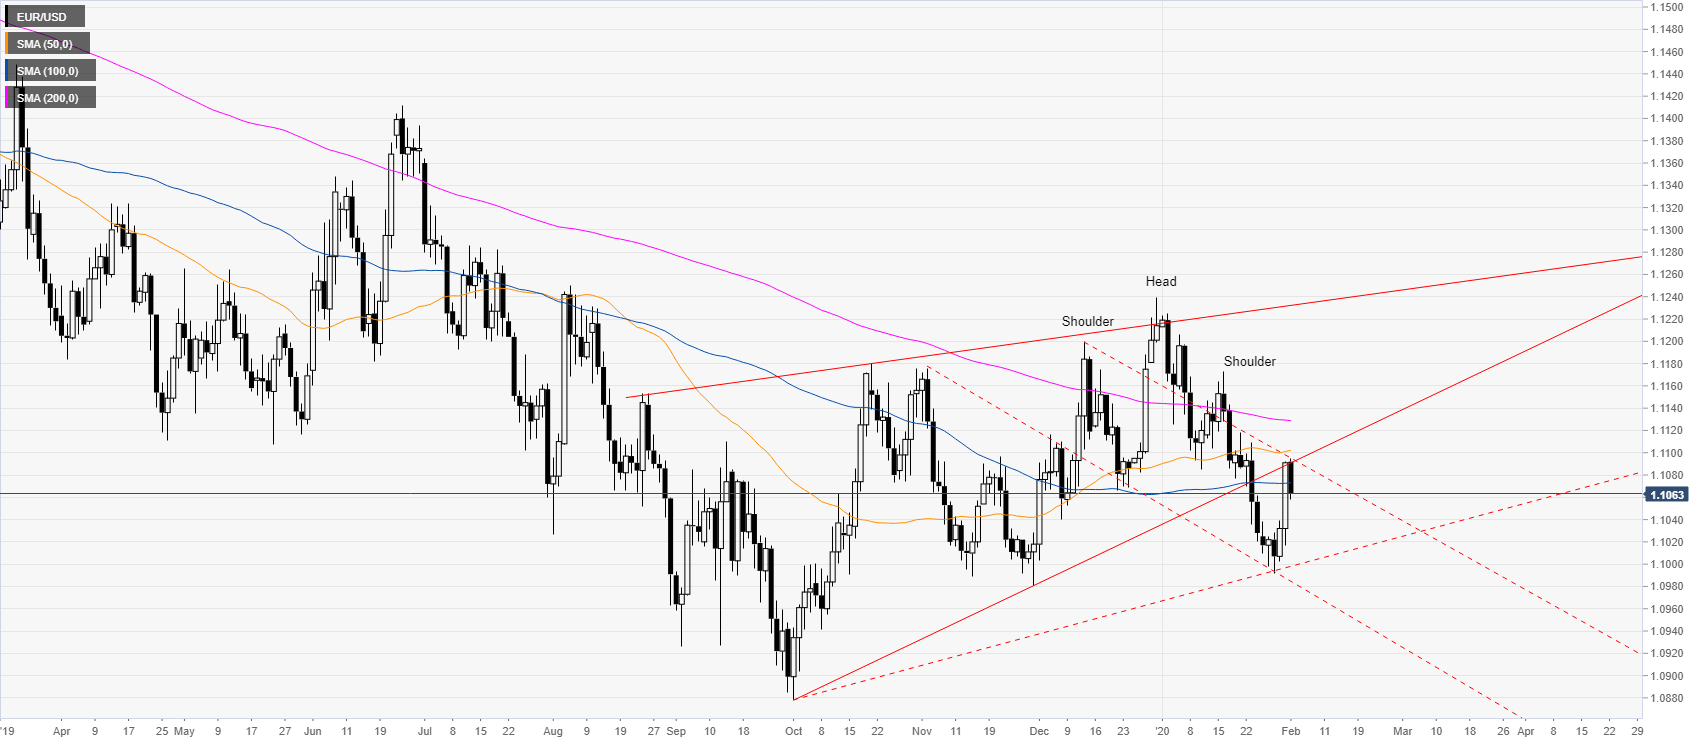 زوج يورو/دولار قد يكون ترسيخ المثلث مرجحًا